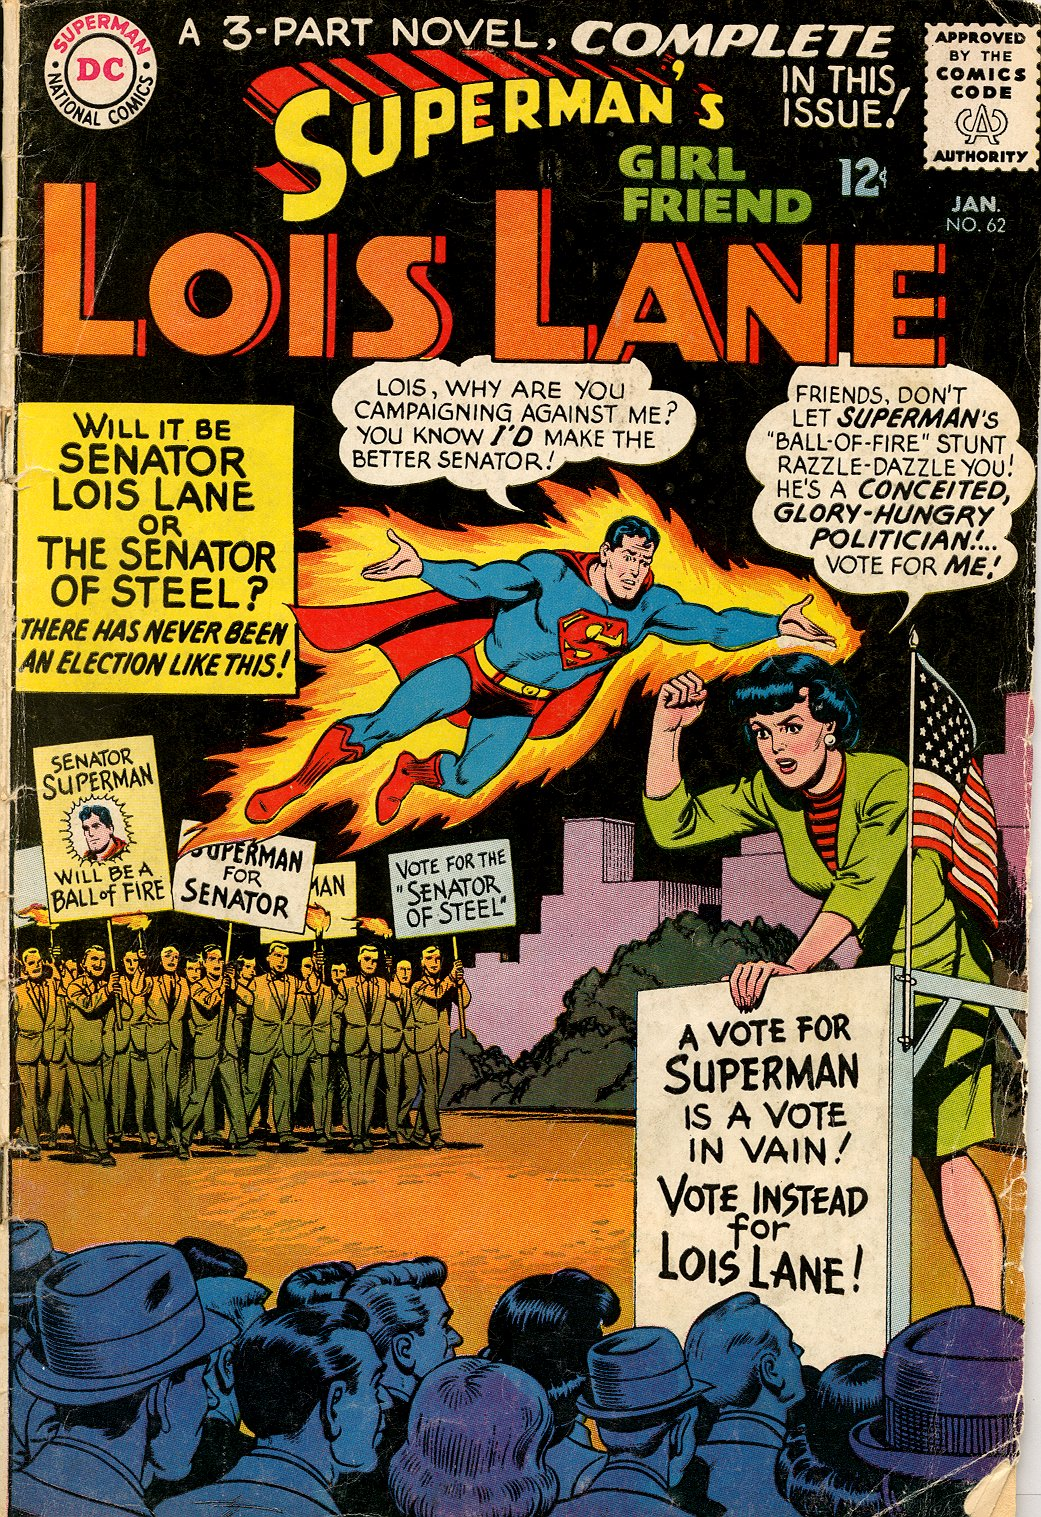 Supermans Girl Friend, Lois Lane 62 Page 1